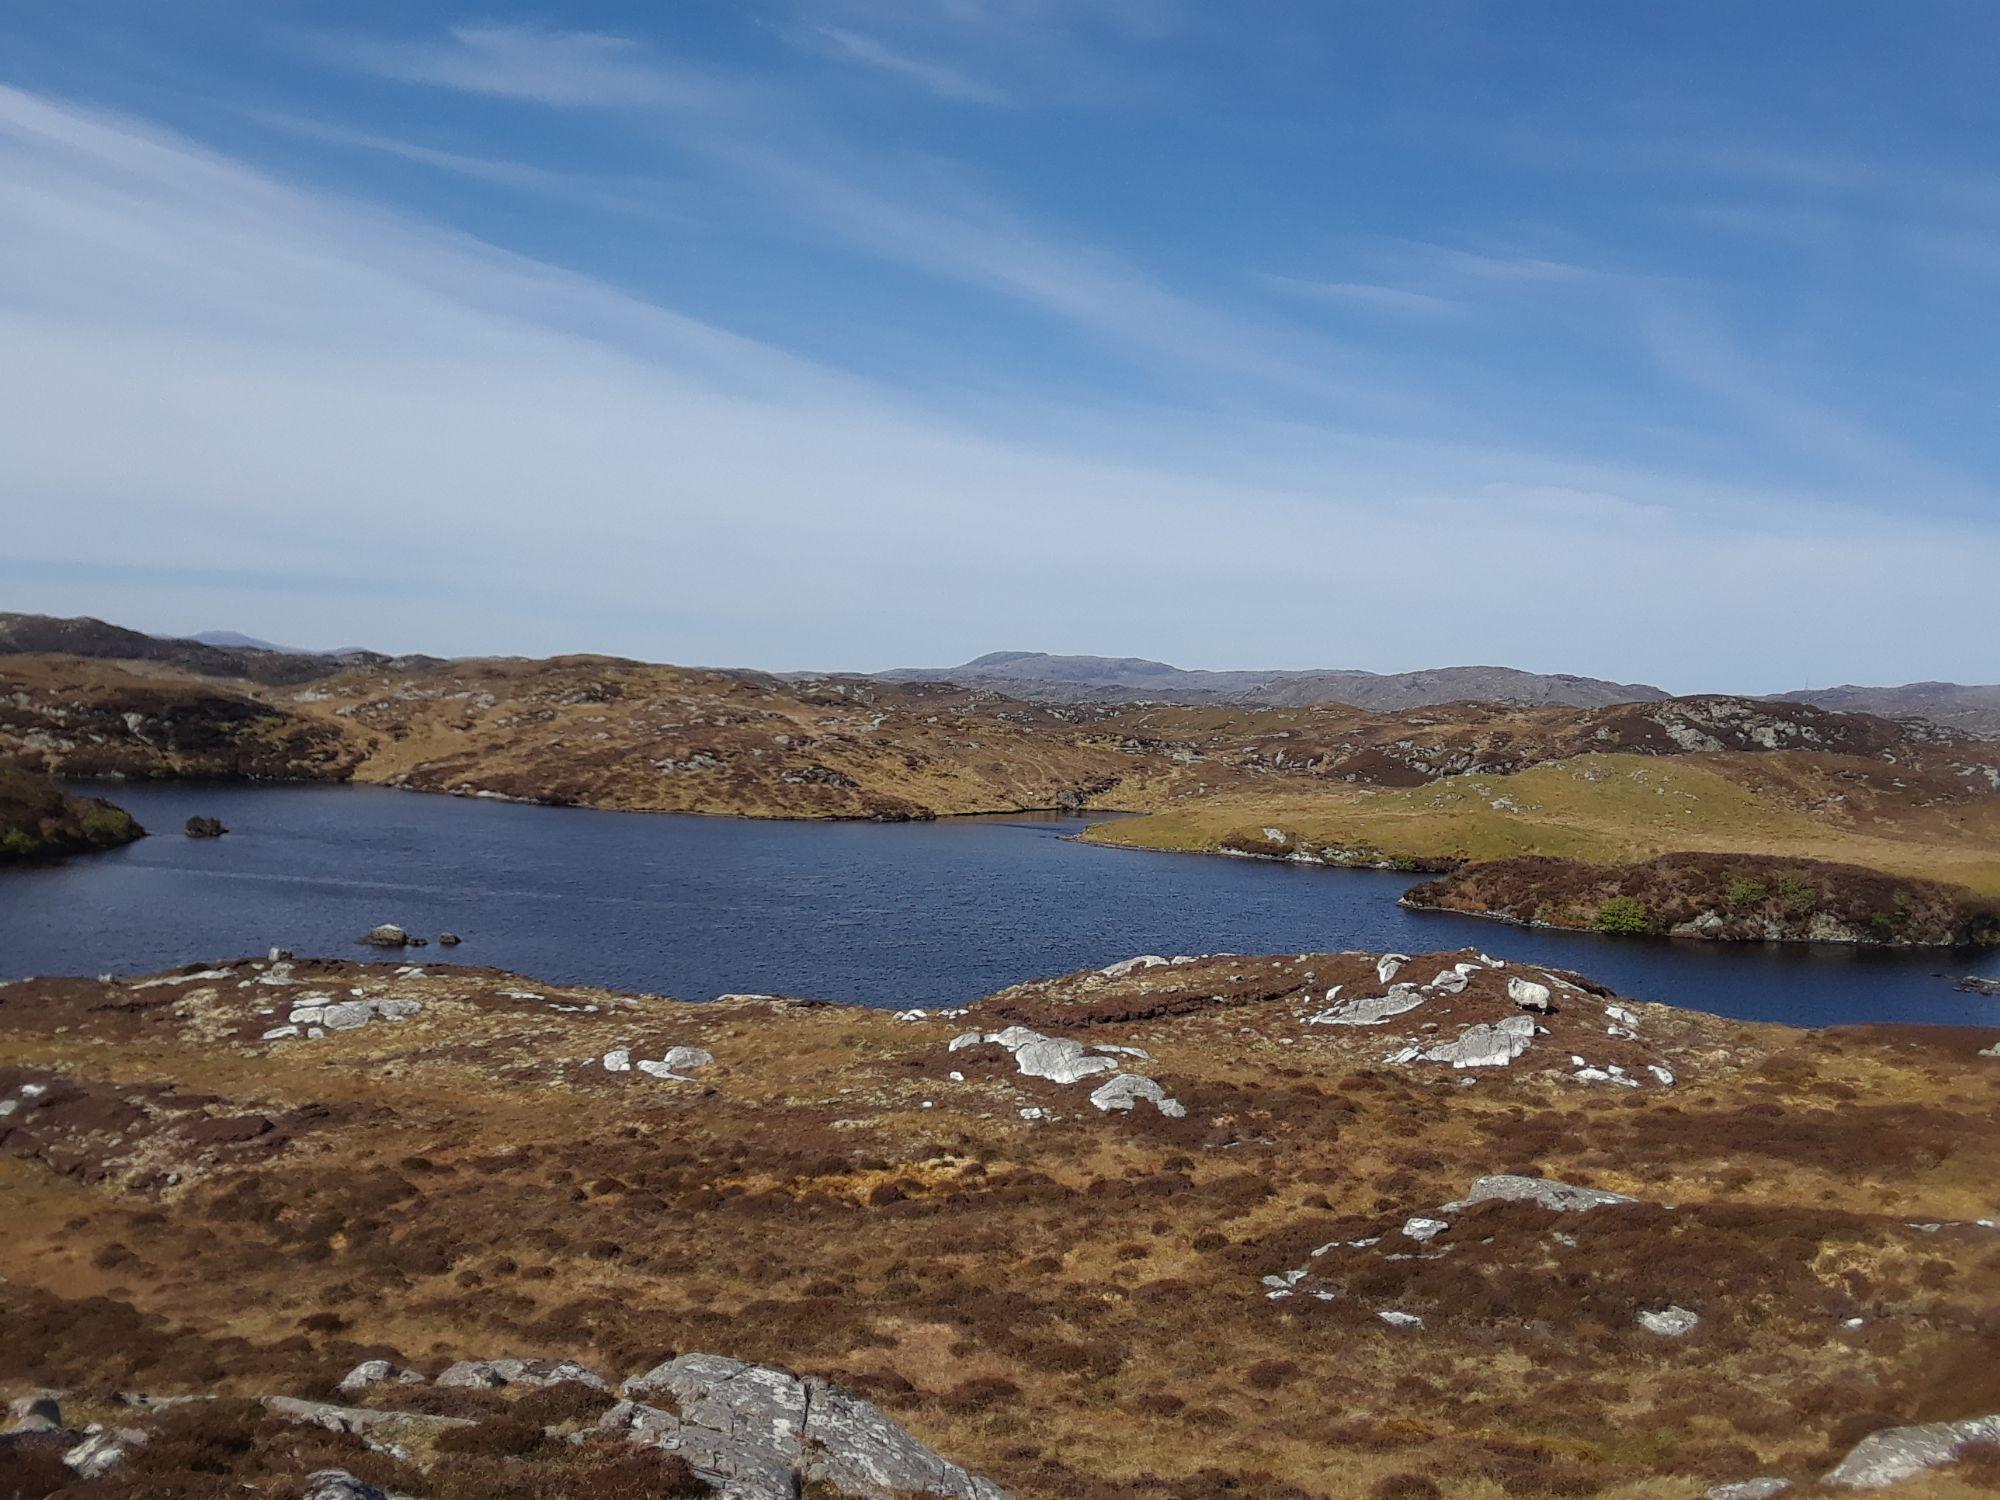 Harris rocky landscape